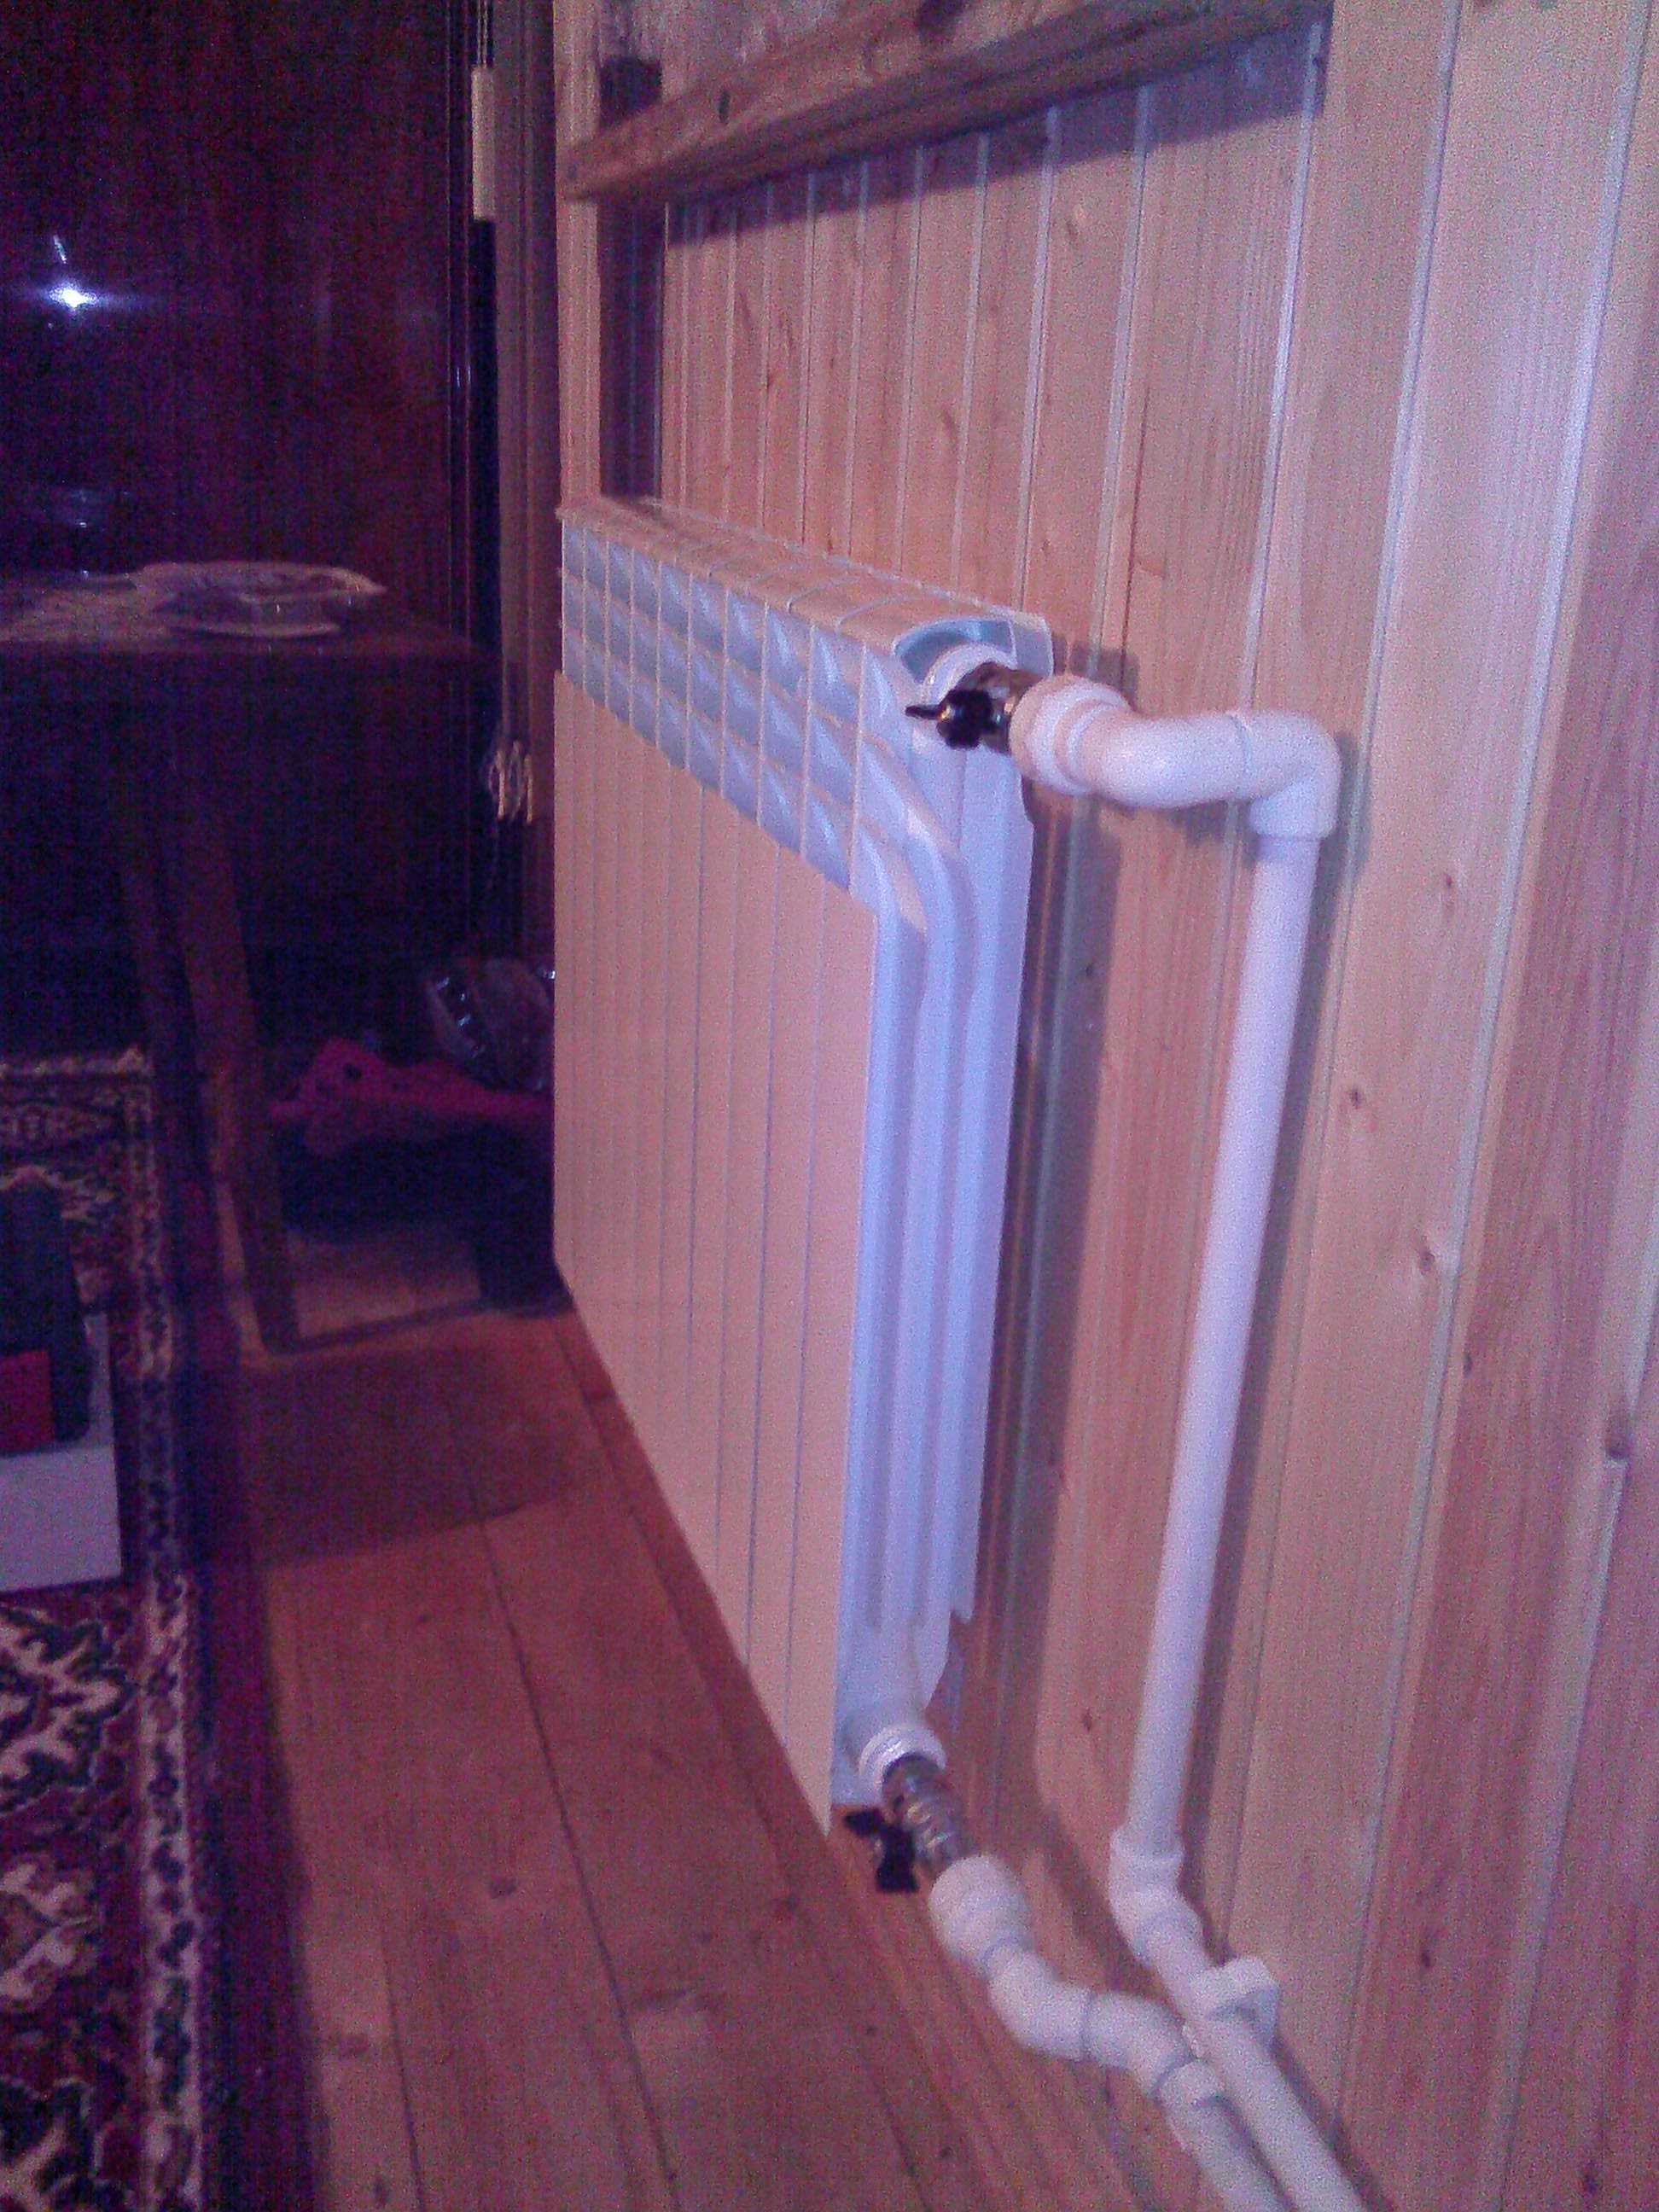 Подключение радиатора отопления к полипропиленовым трубам: обвязка радиатора, соединение кранов и тонкости подключения